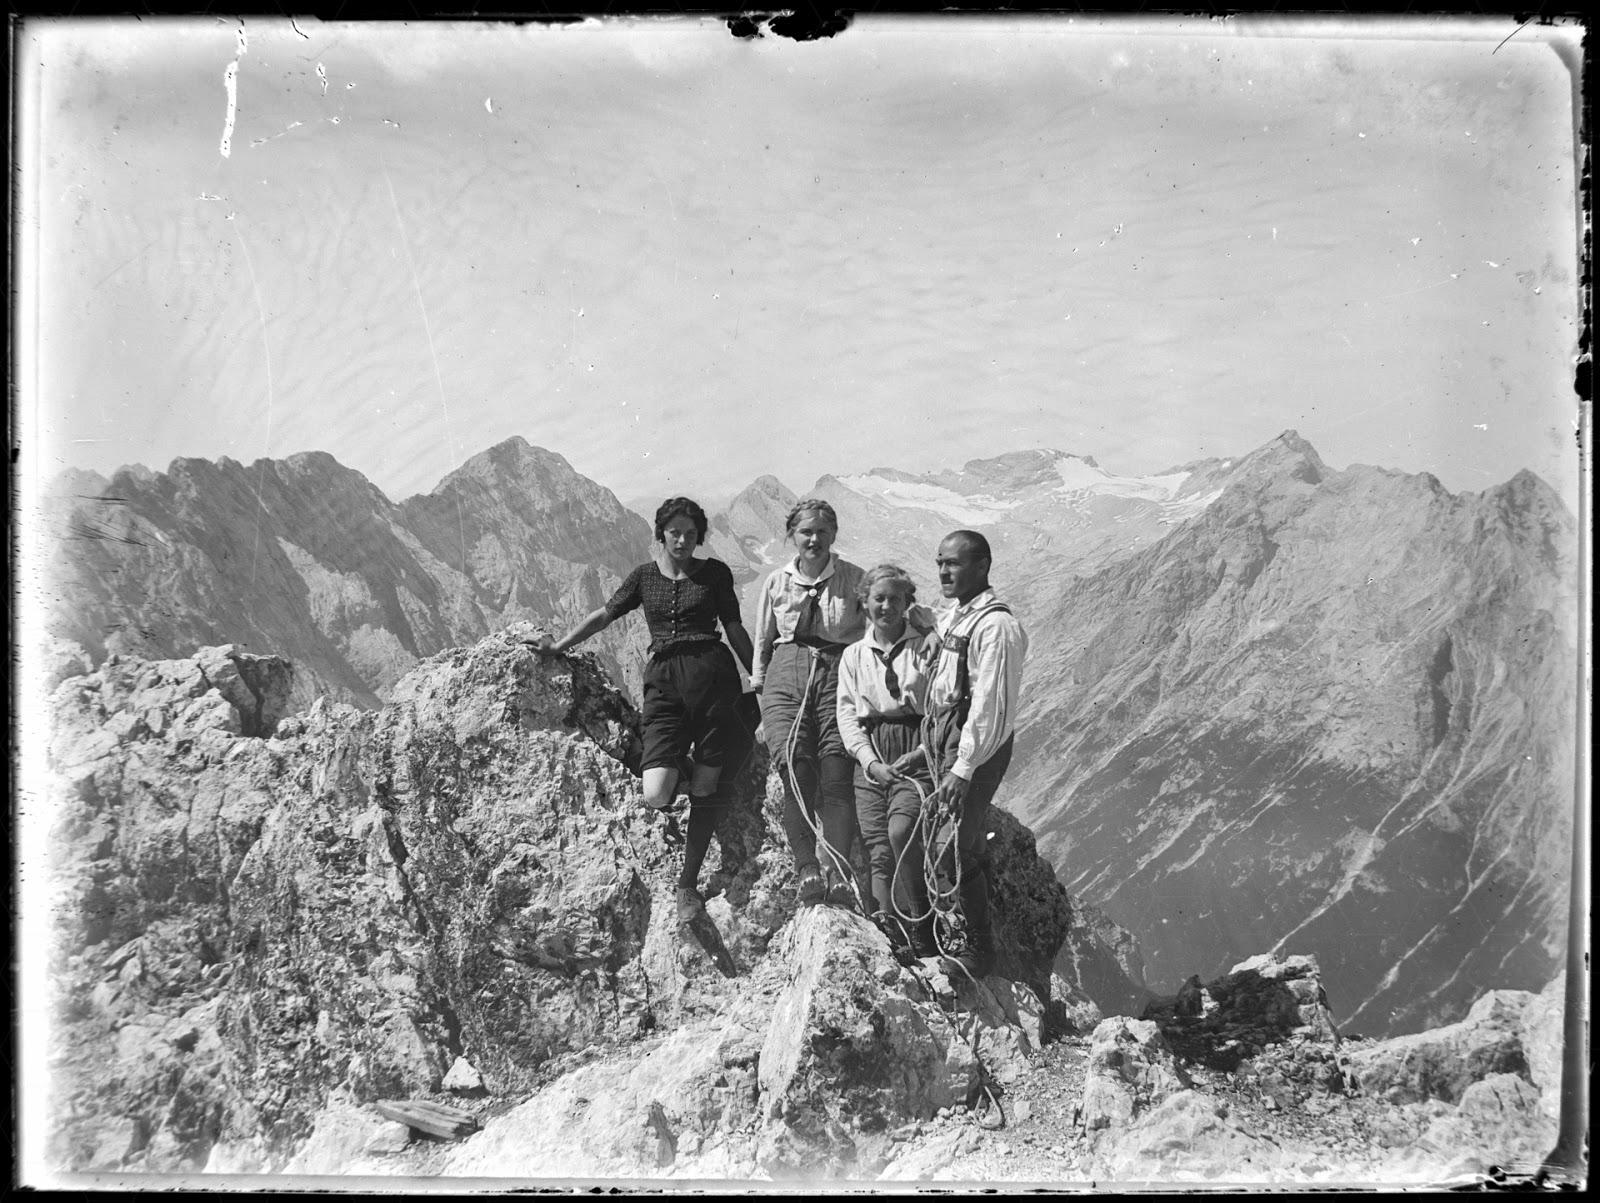 J. Meierhöfer mit Seilschaft - vermutlich Mittlere Partenkirchner Dreitorspitze - um 1920-1930